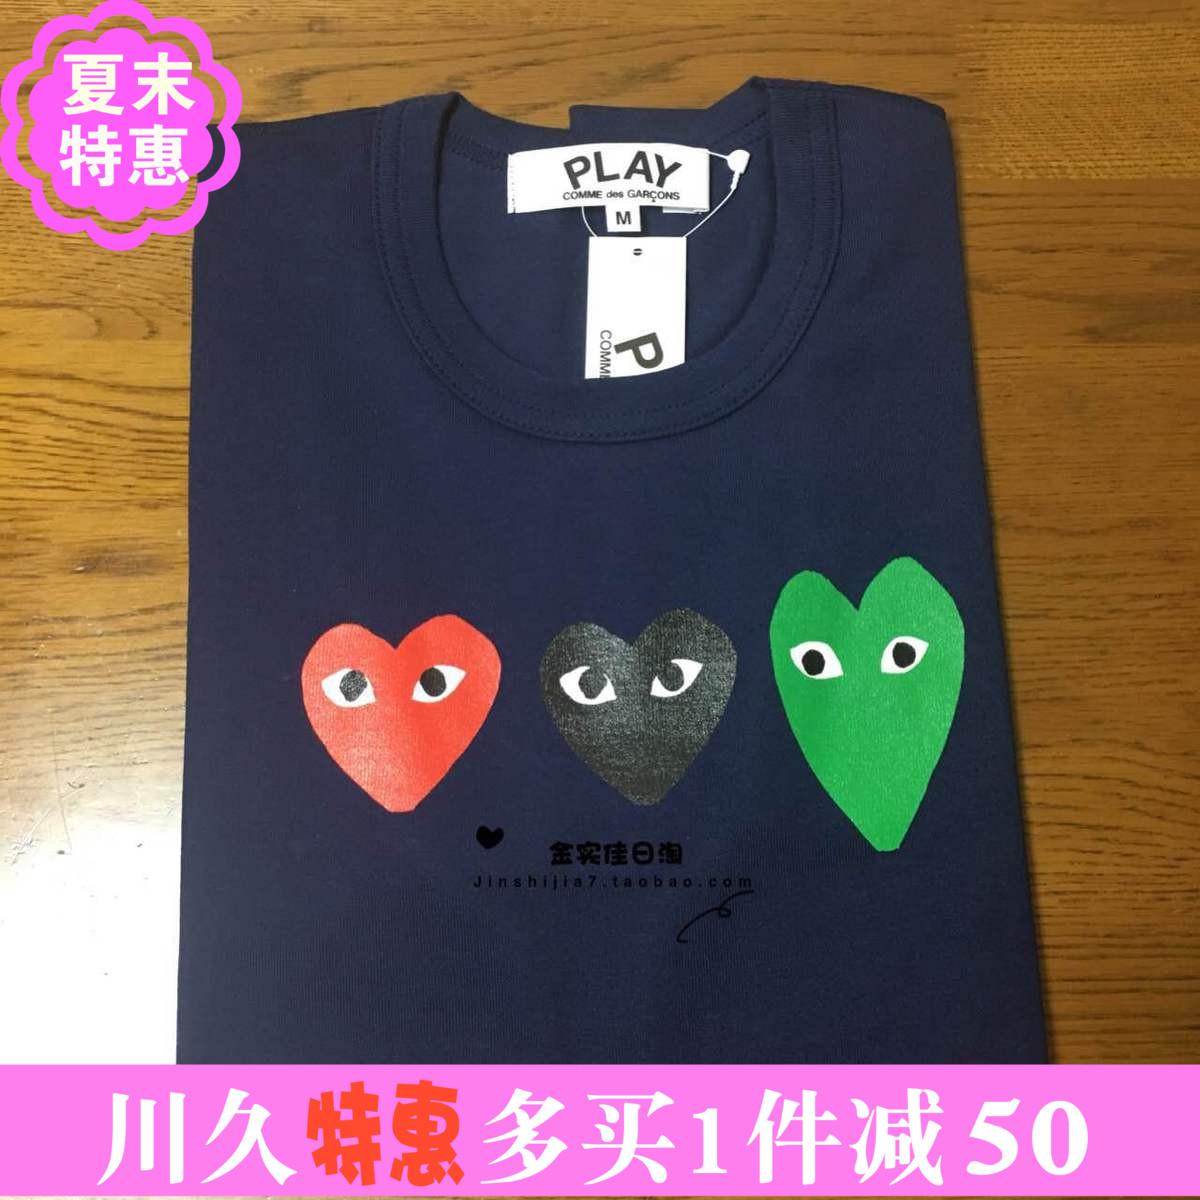 金实佳日本代购 川久保玲CDG play 深蓝色三颗心 短袖T恤 男女款